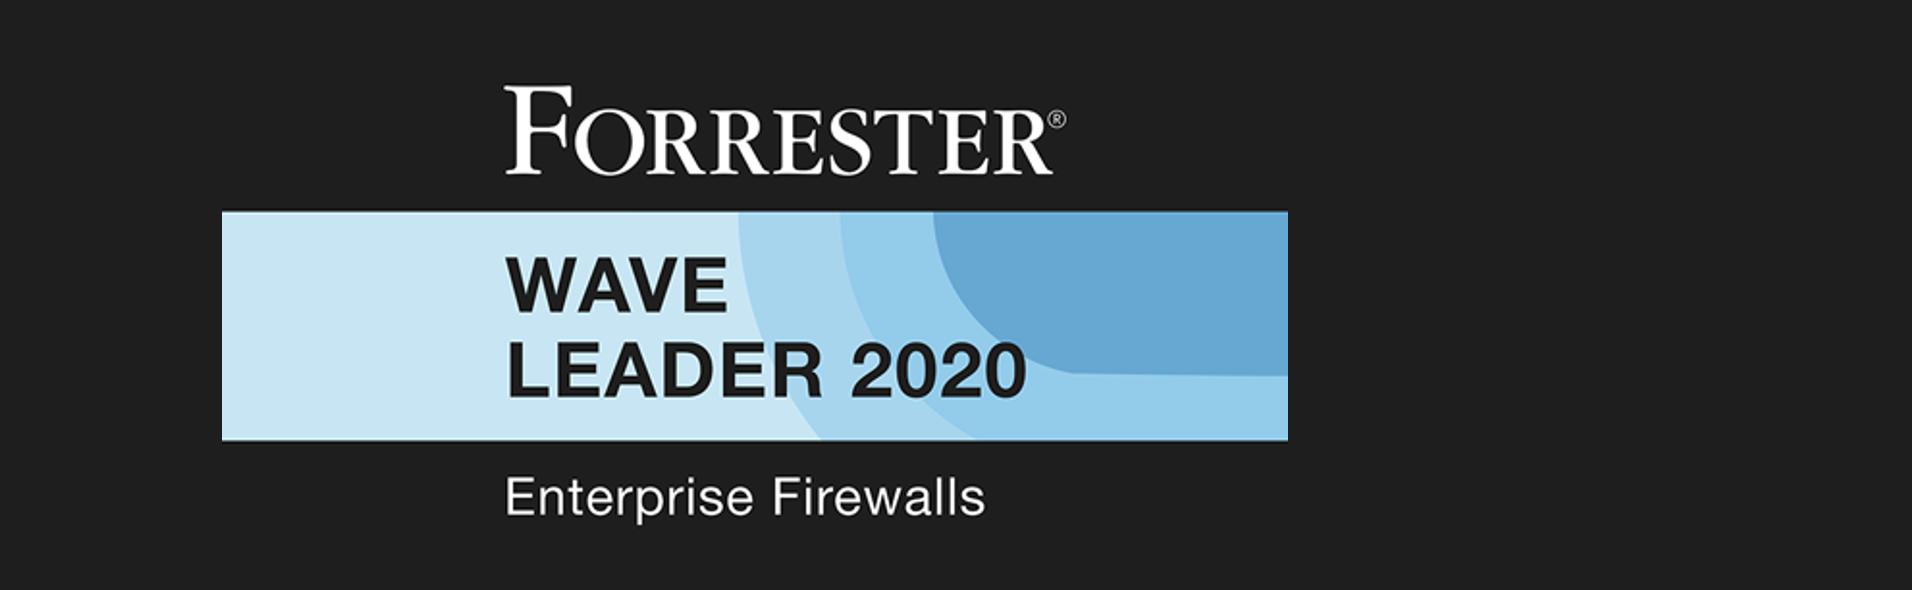 Cisco Named a Leader in the 2020 Forrester Wave for Enterprise Firewalls